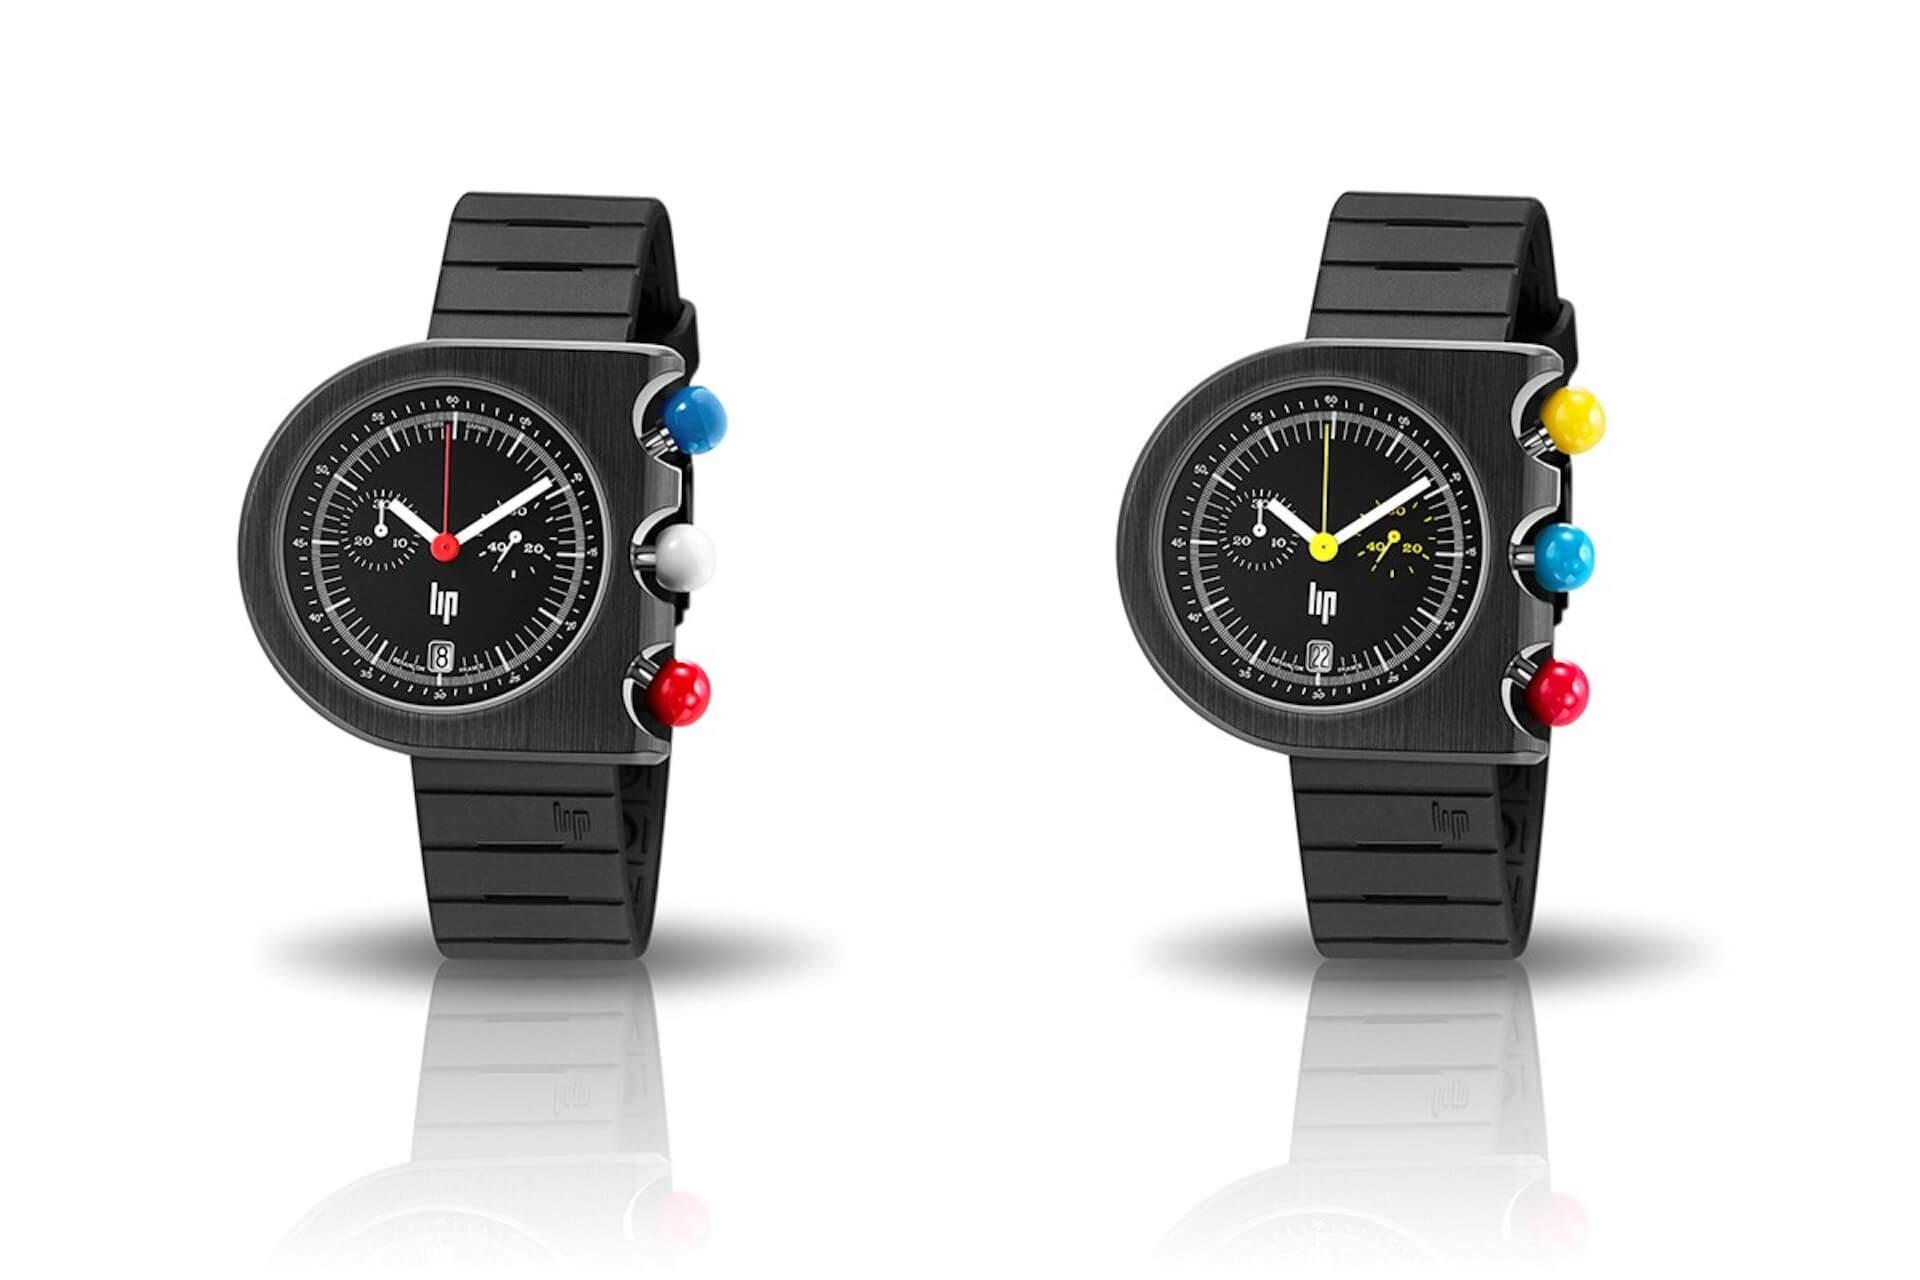 時計ライターがおすすめする、10万円以下で購入できる大人のカジュアルウォッチ8選 tech200612_jeep_watch_1